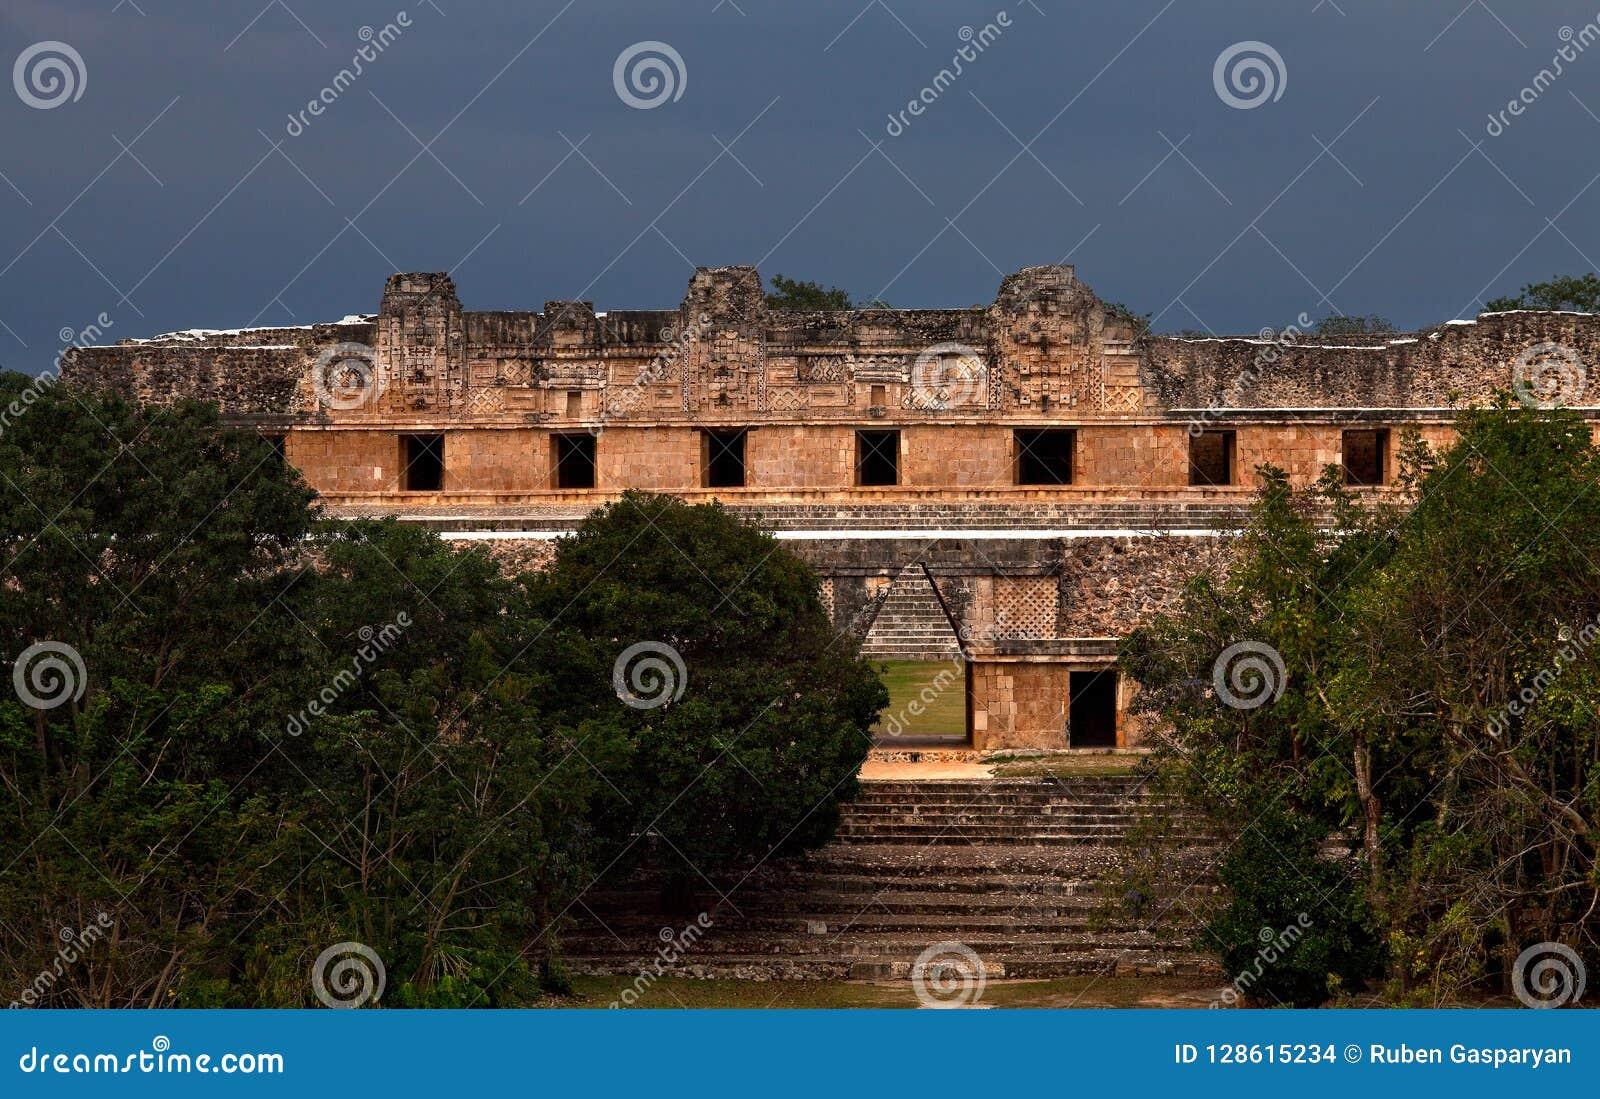 Ruins of Ancient maya cities